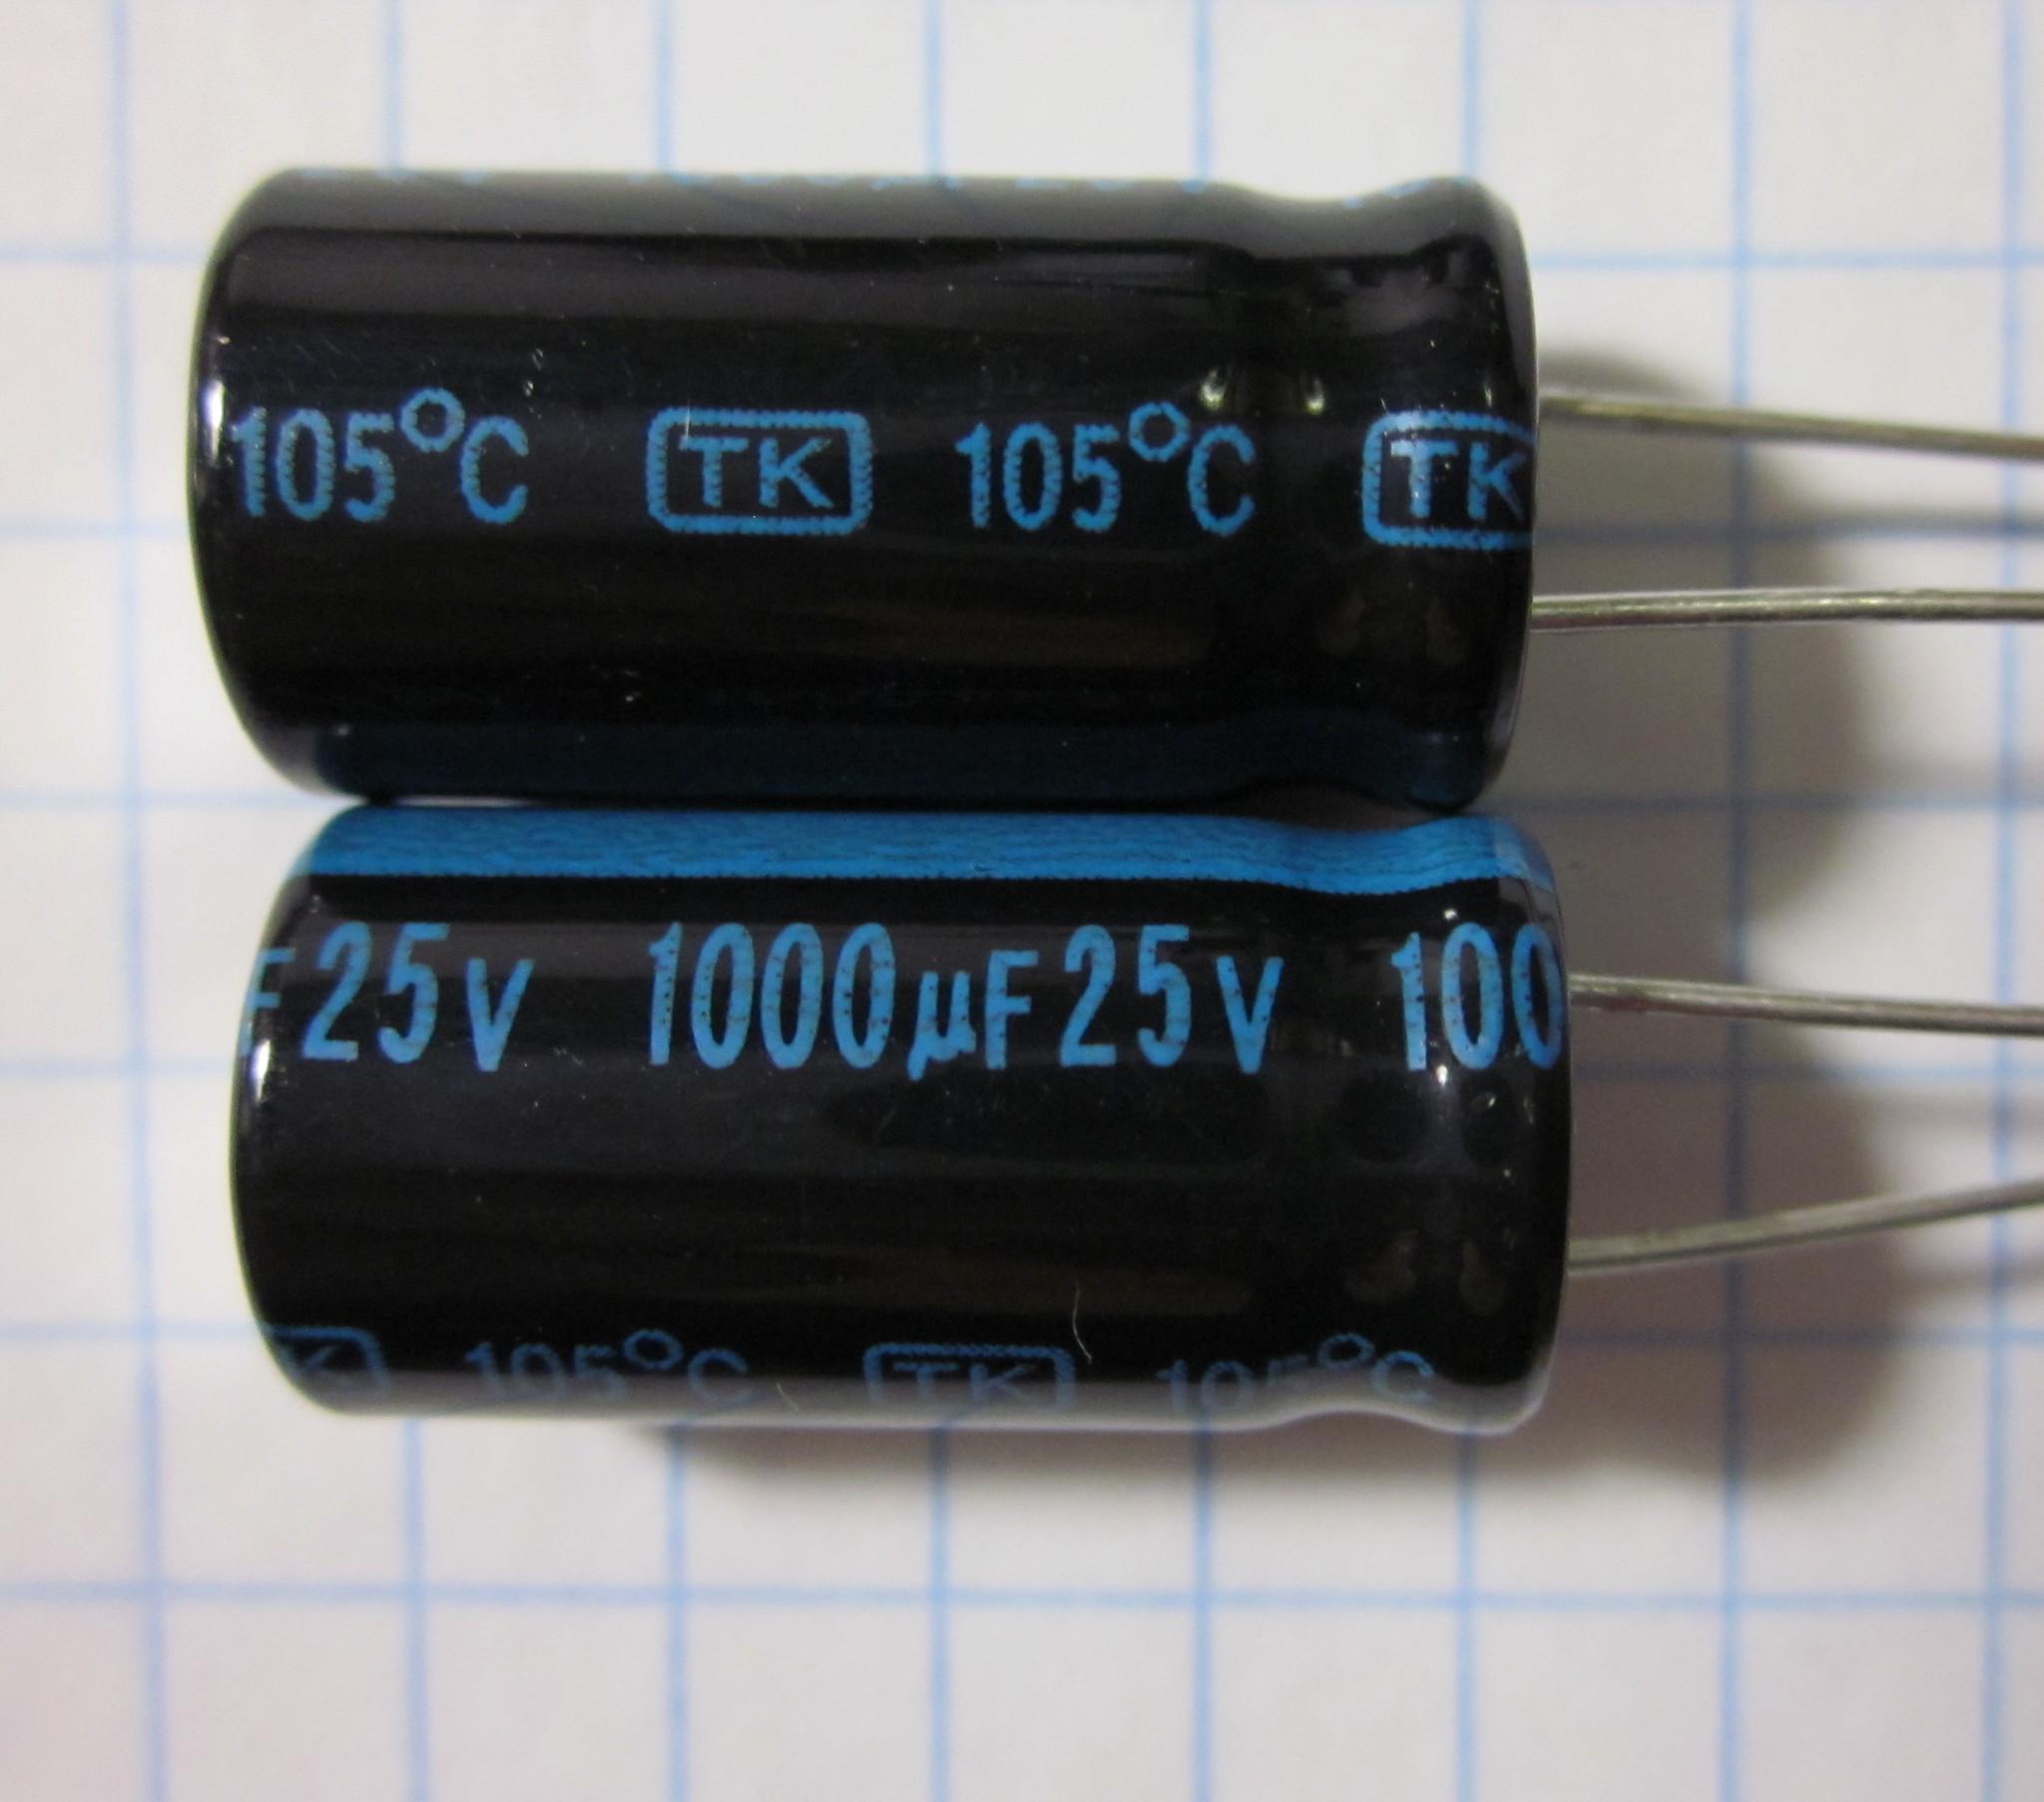 1000,0x25V 105C